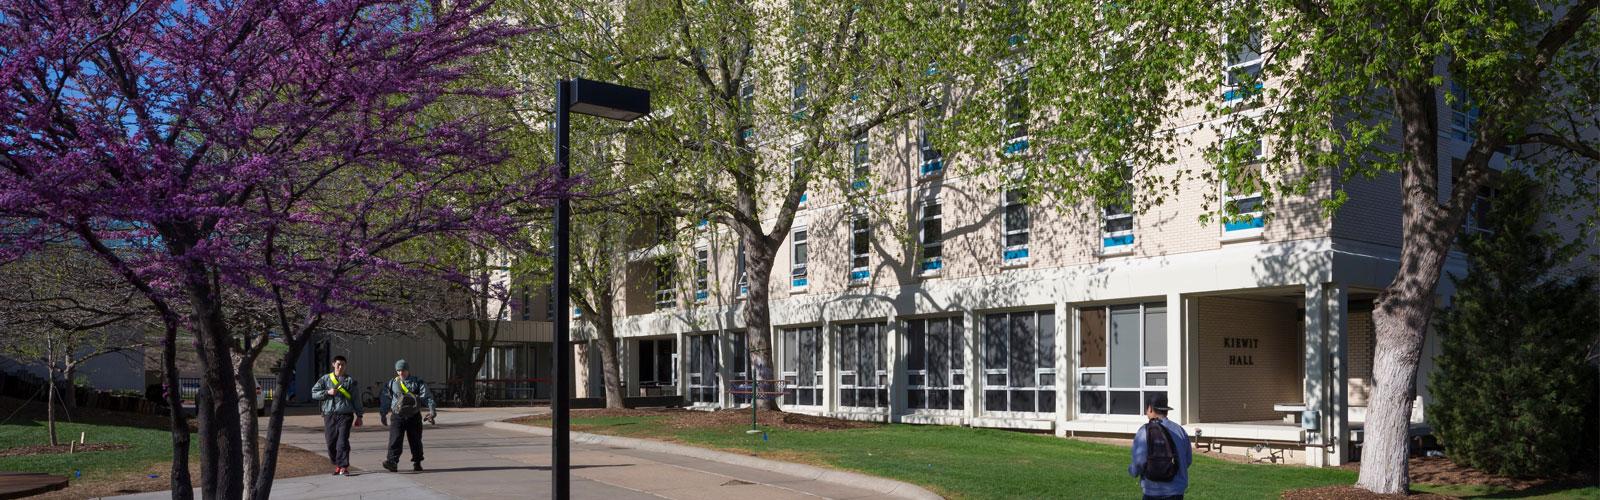 Kiewit residence hall at creighton